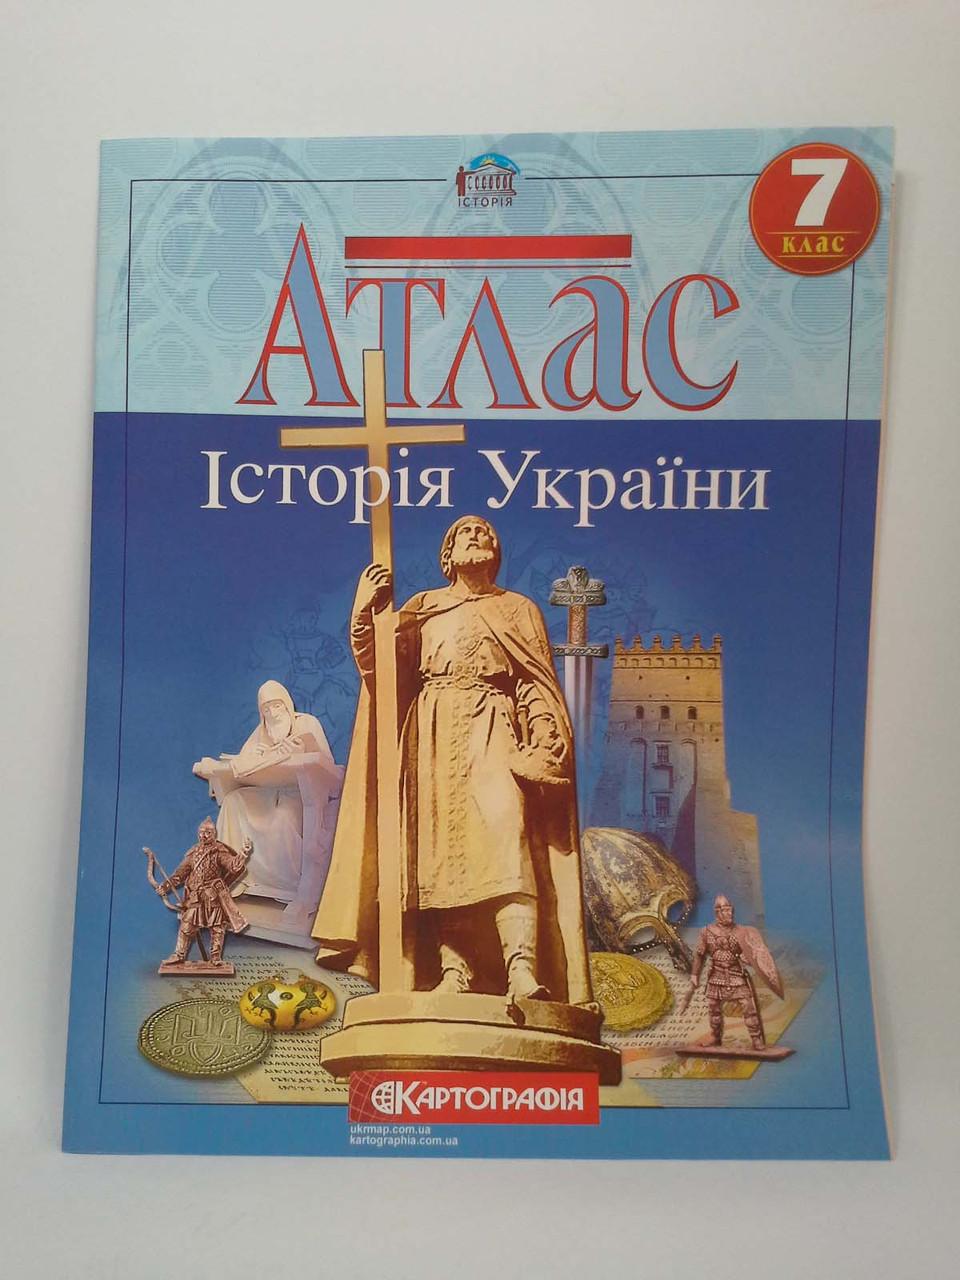 Атлас Історія України 7 клас Картографія